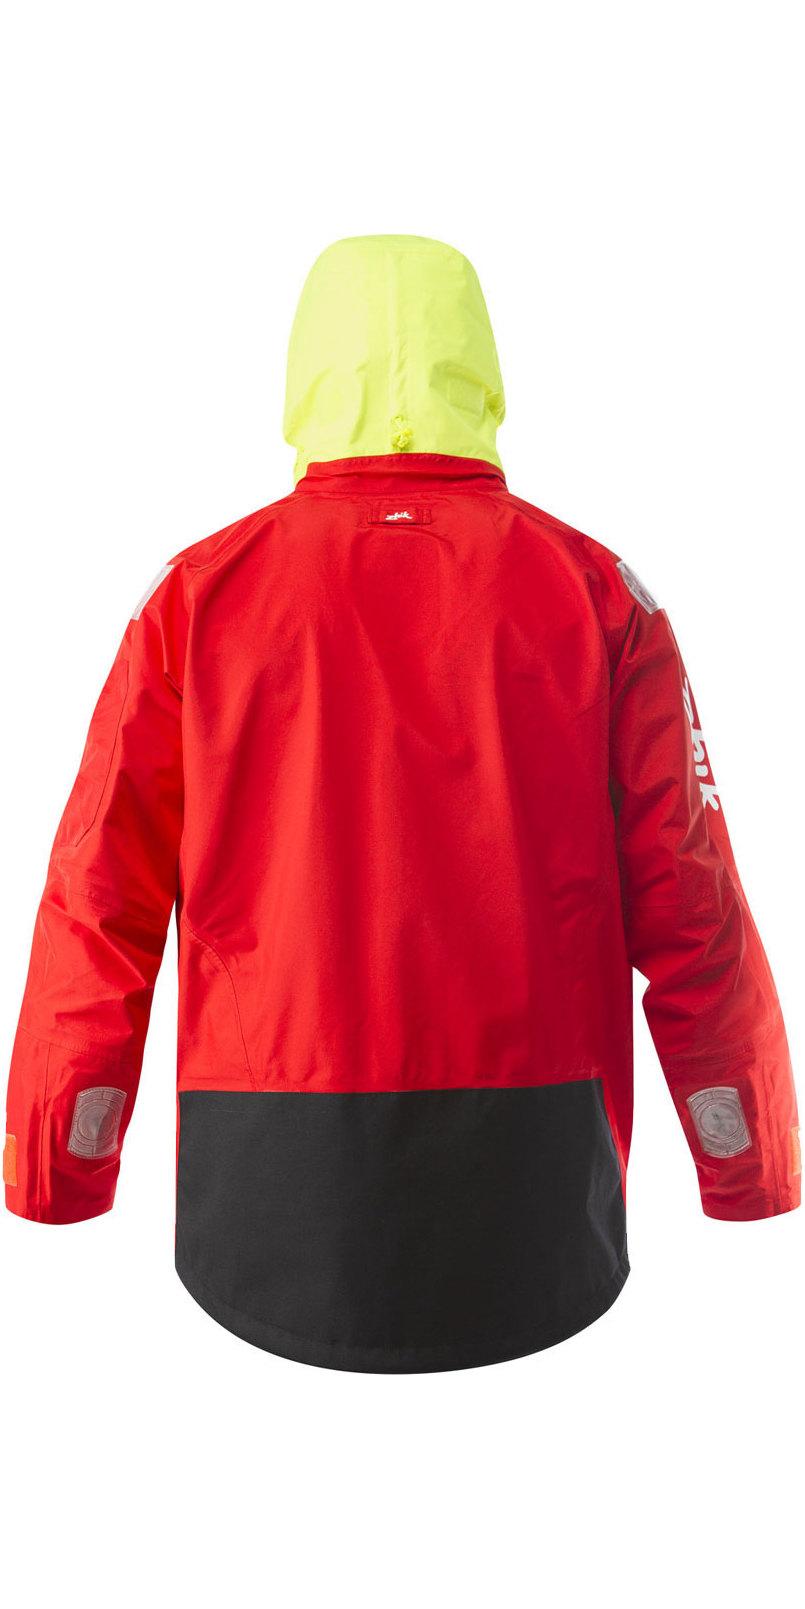 Zhik Mens Isotak 2 Jacket JK851 - Red